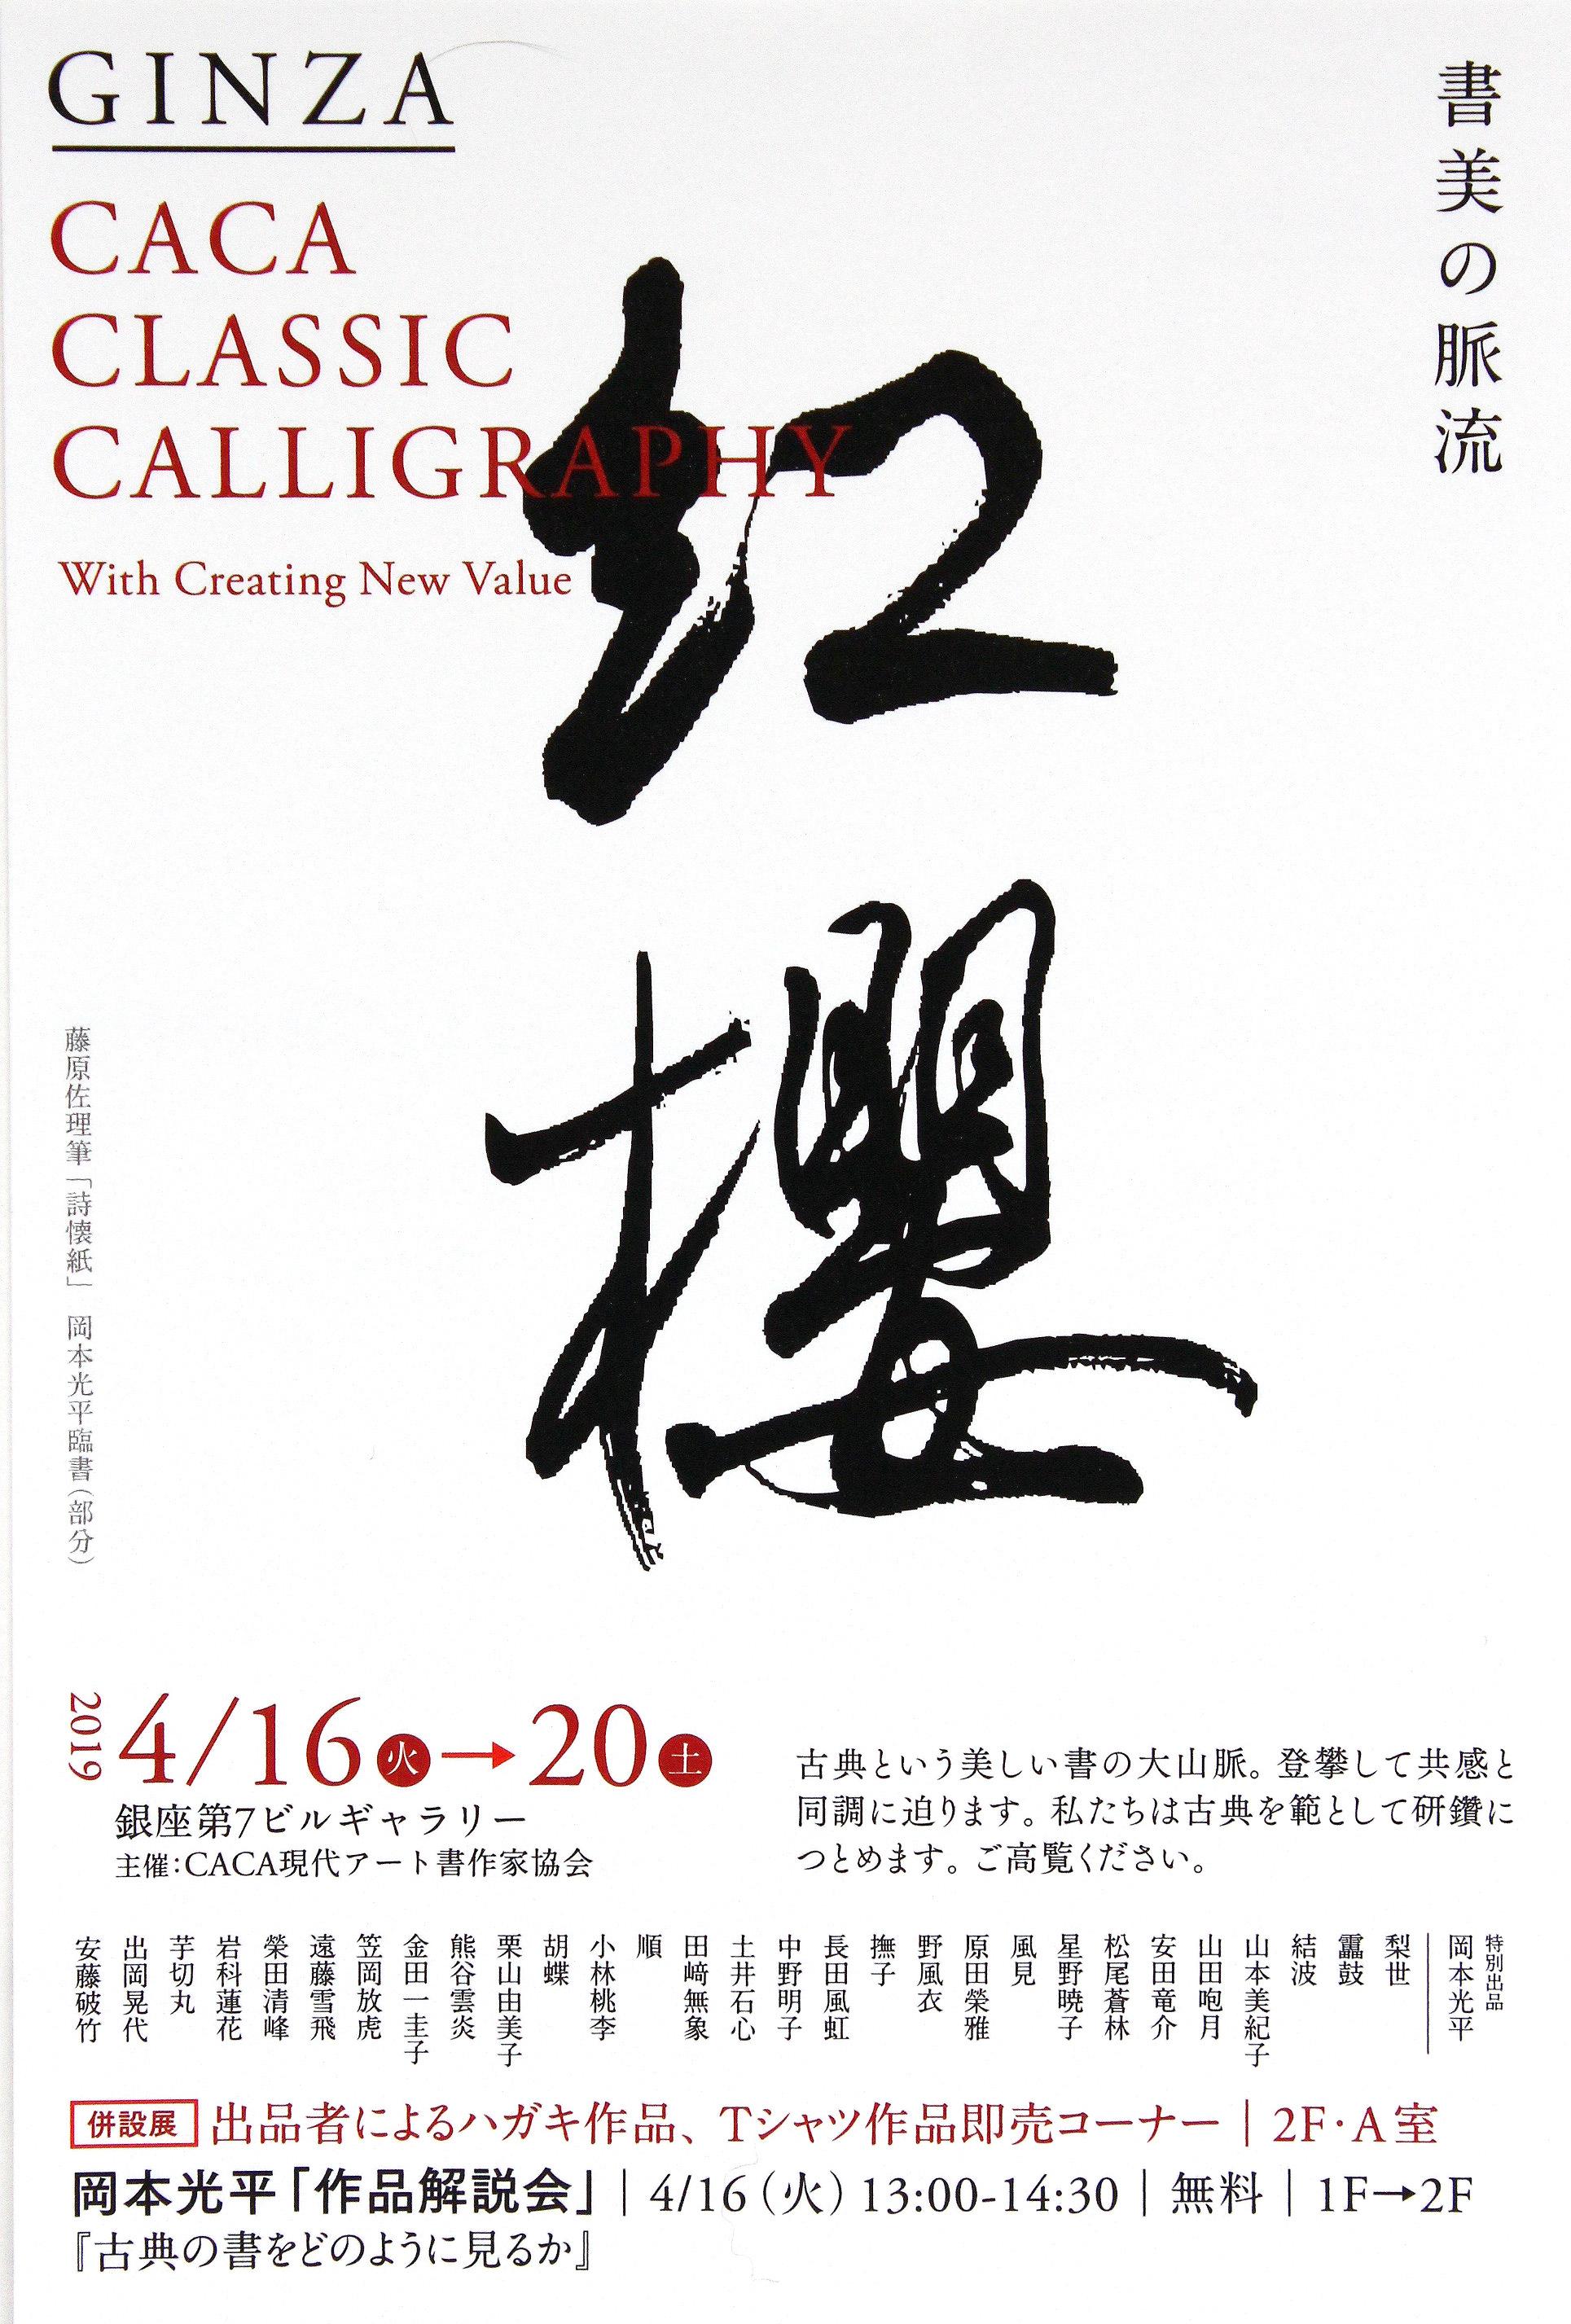 CACA銀座クラシックカリグラフィー